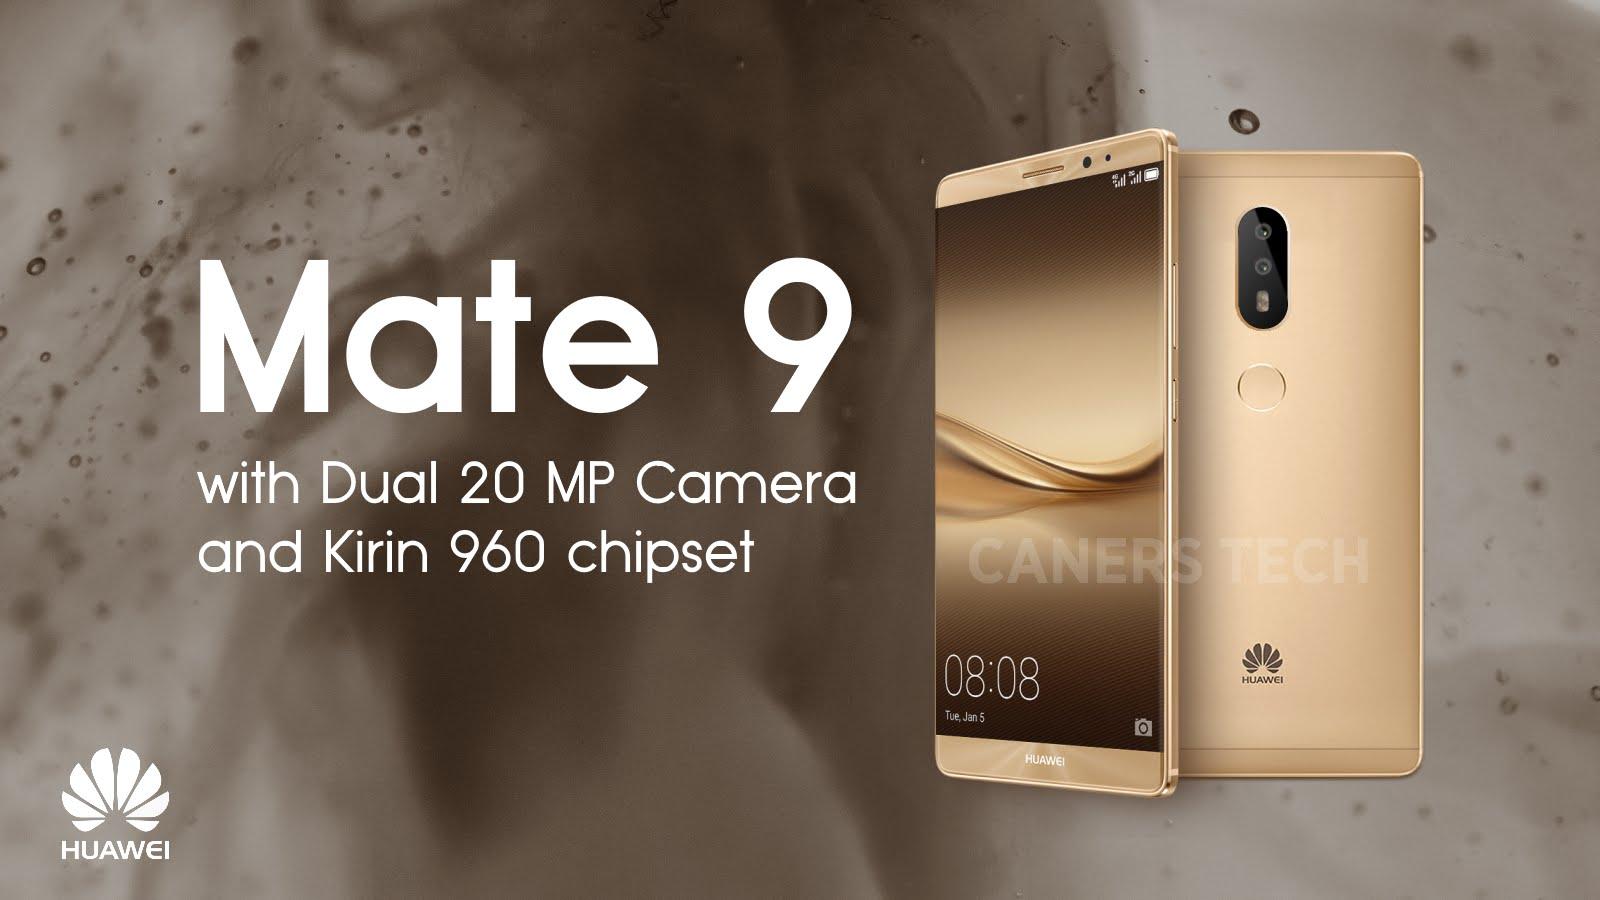 เผยชัดๆ! ภาพเรนเดอร์ Huawei Mate 9 ว่าที่สมาร์ทโฟนรุ่นท็อปล่าสุดจาก Huawei